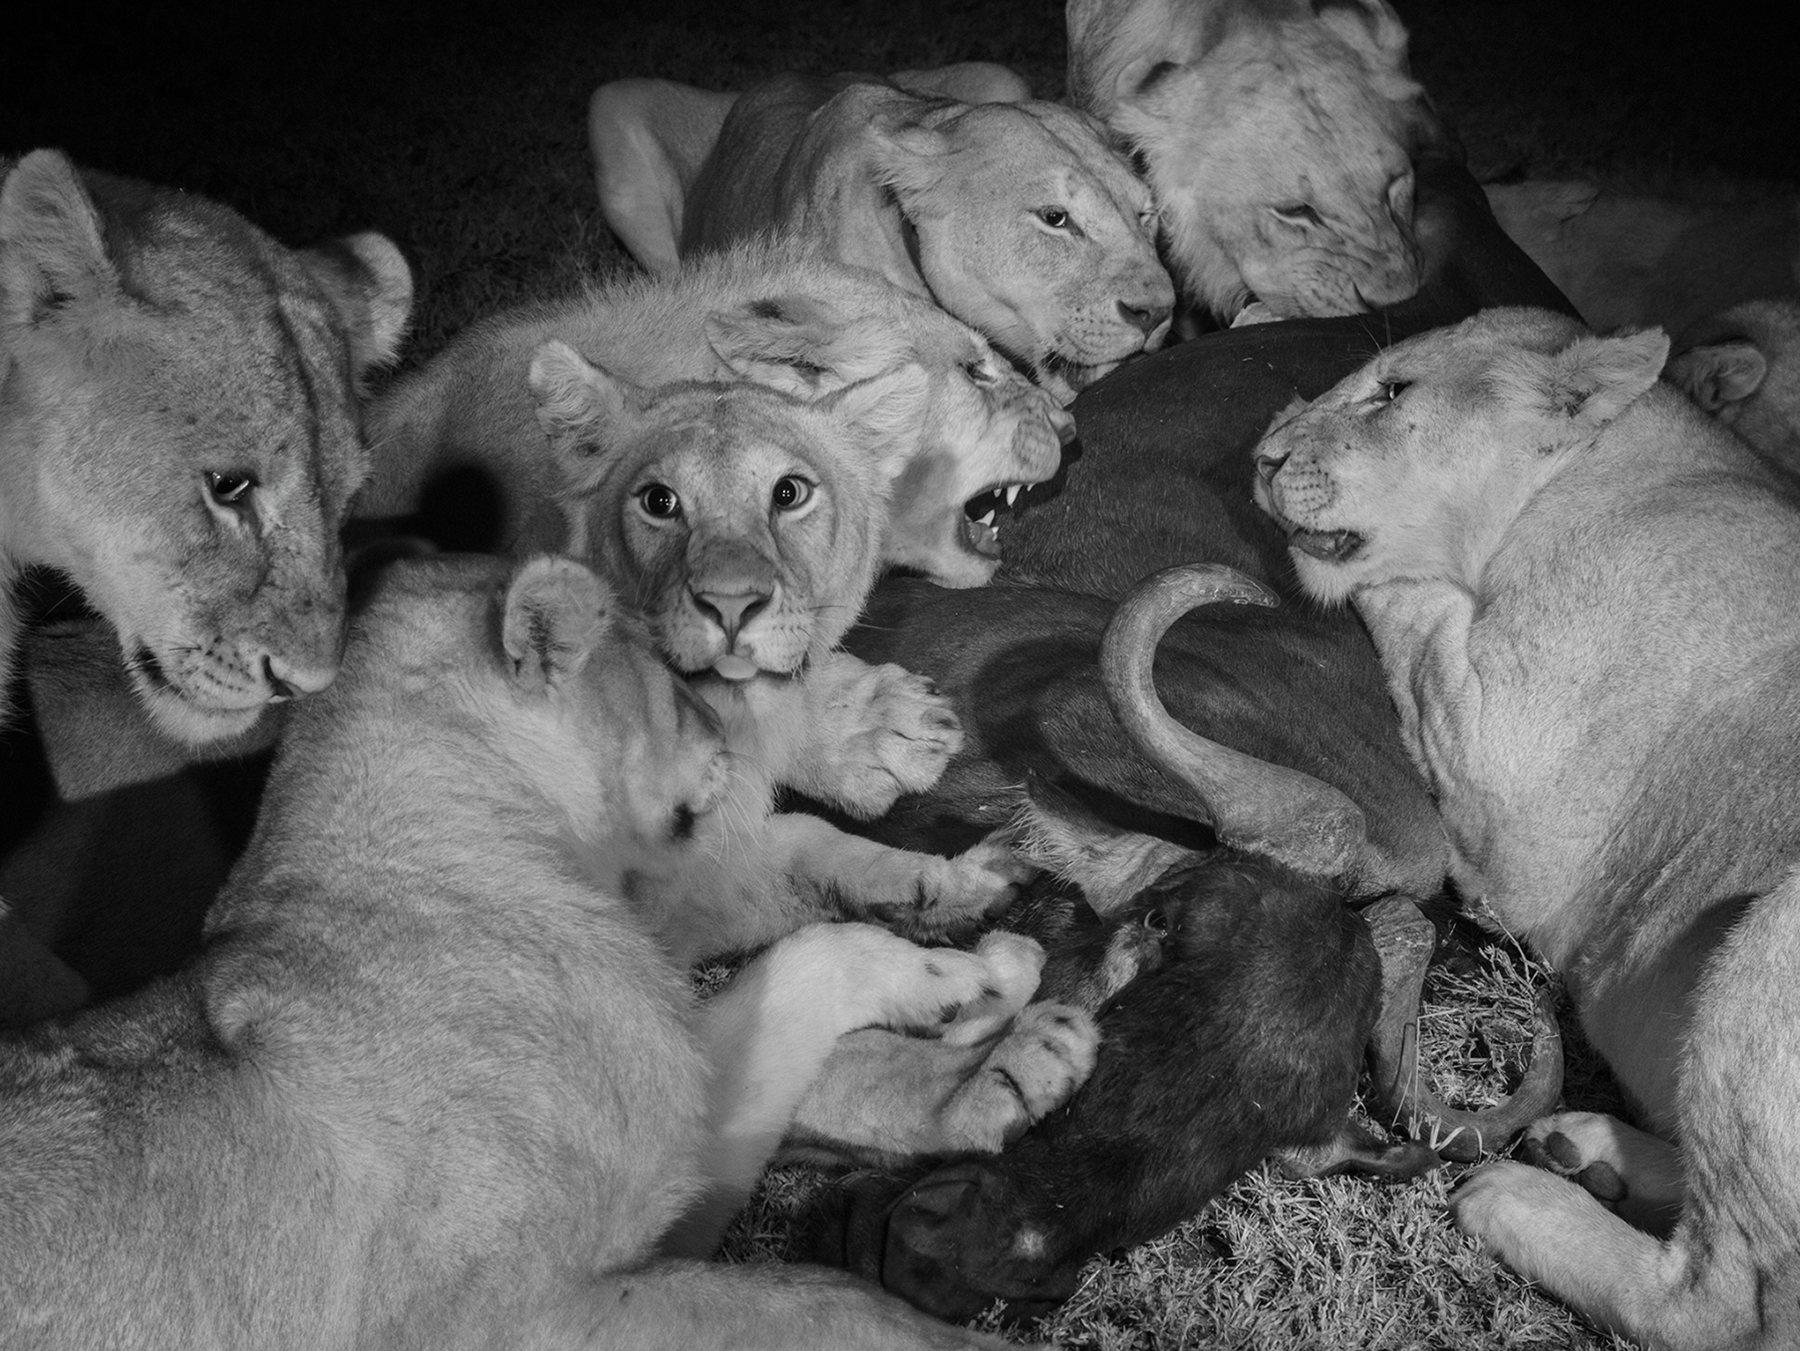 león solo macho negro sitio web